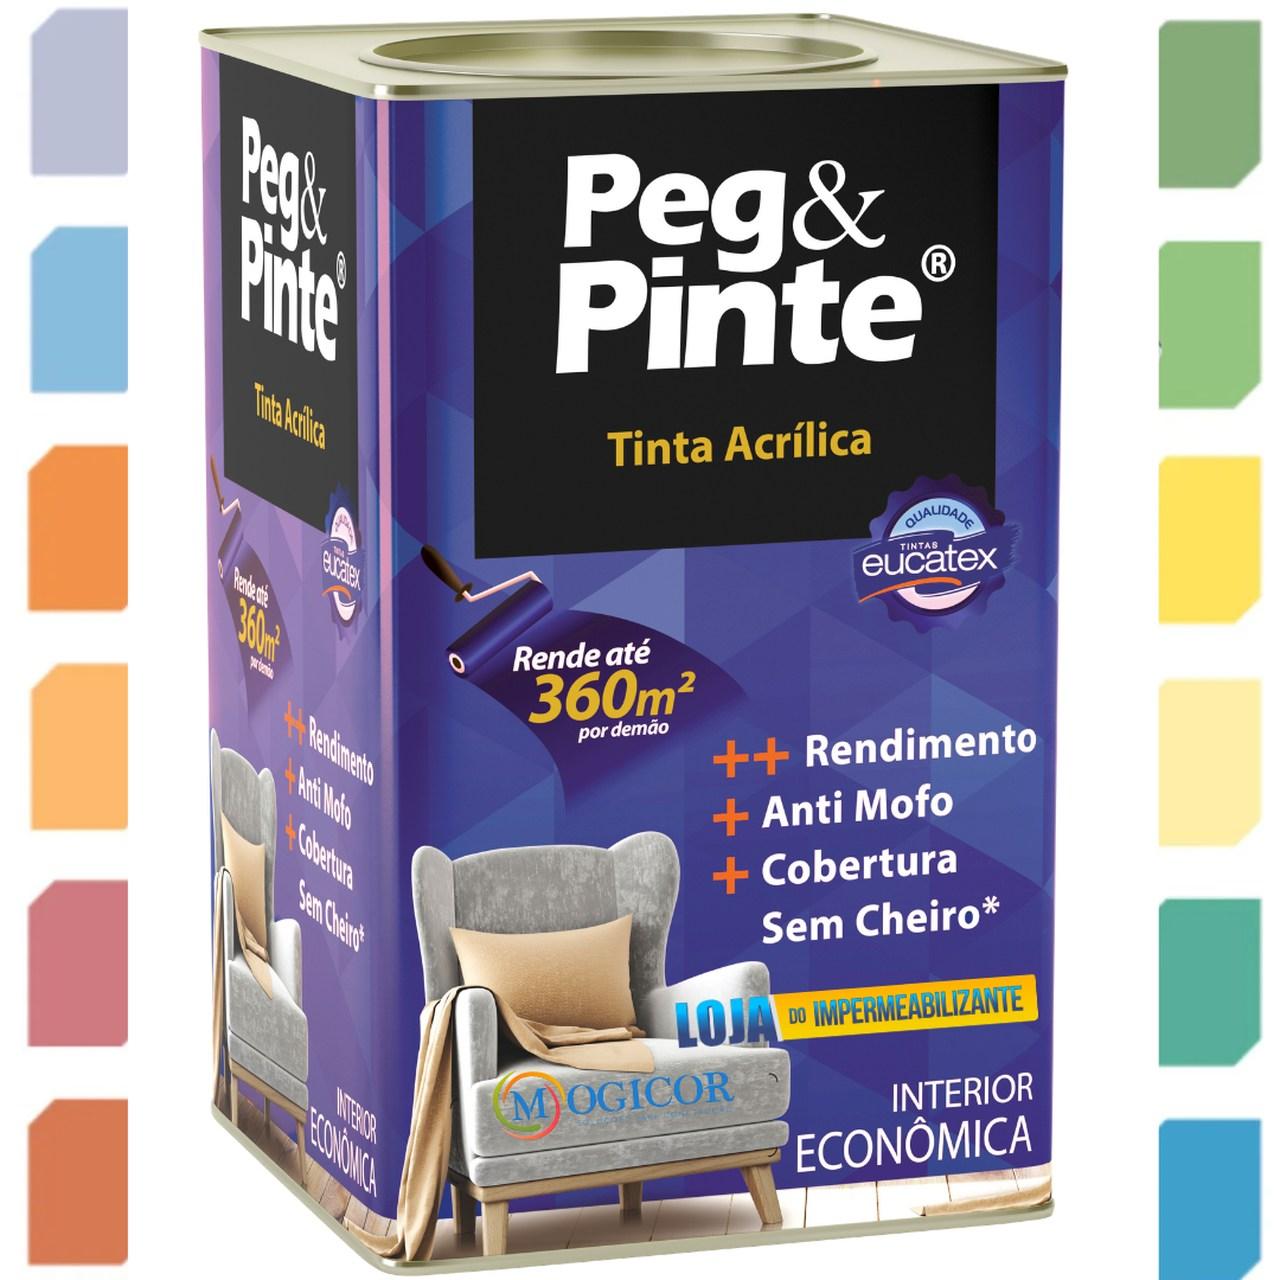 TINTA ACRÍLICA PEG & PINTE 18l EUCATEX